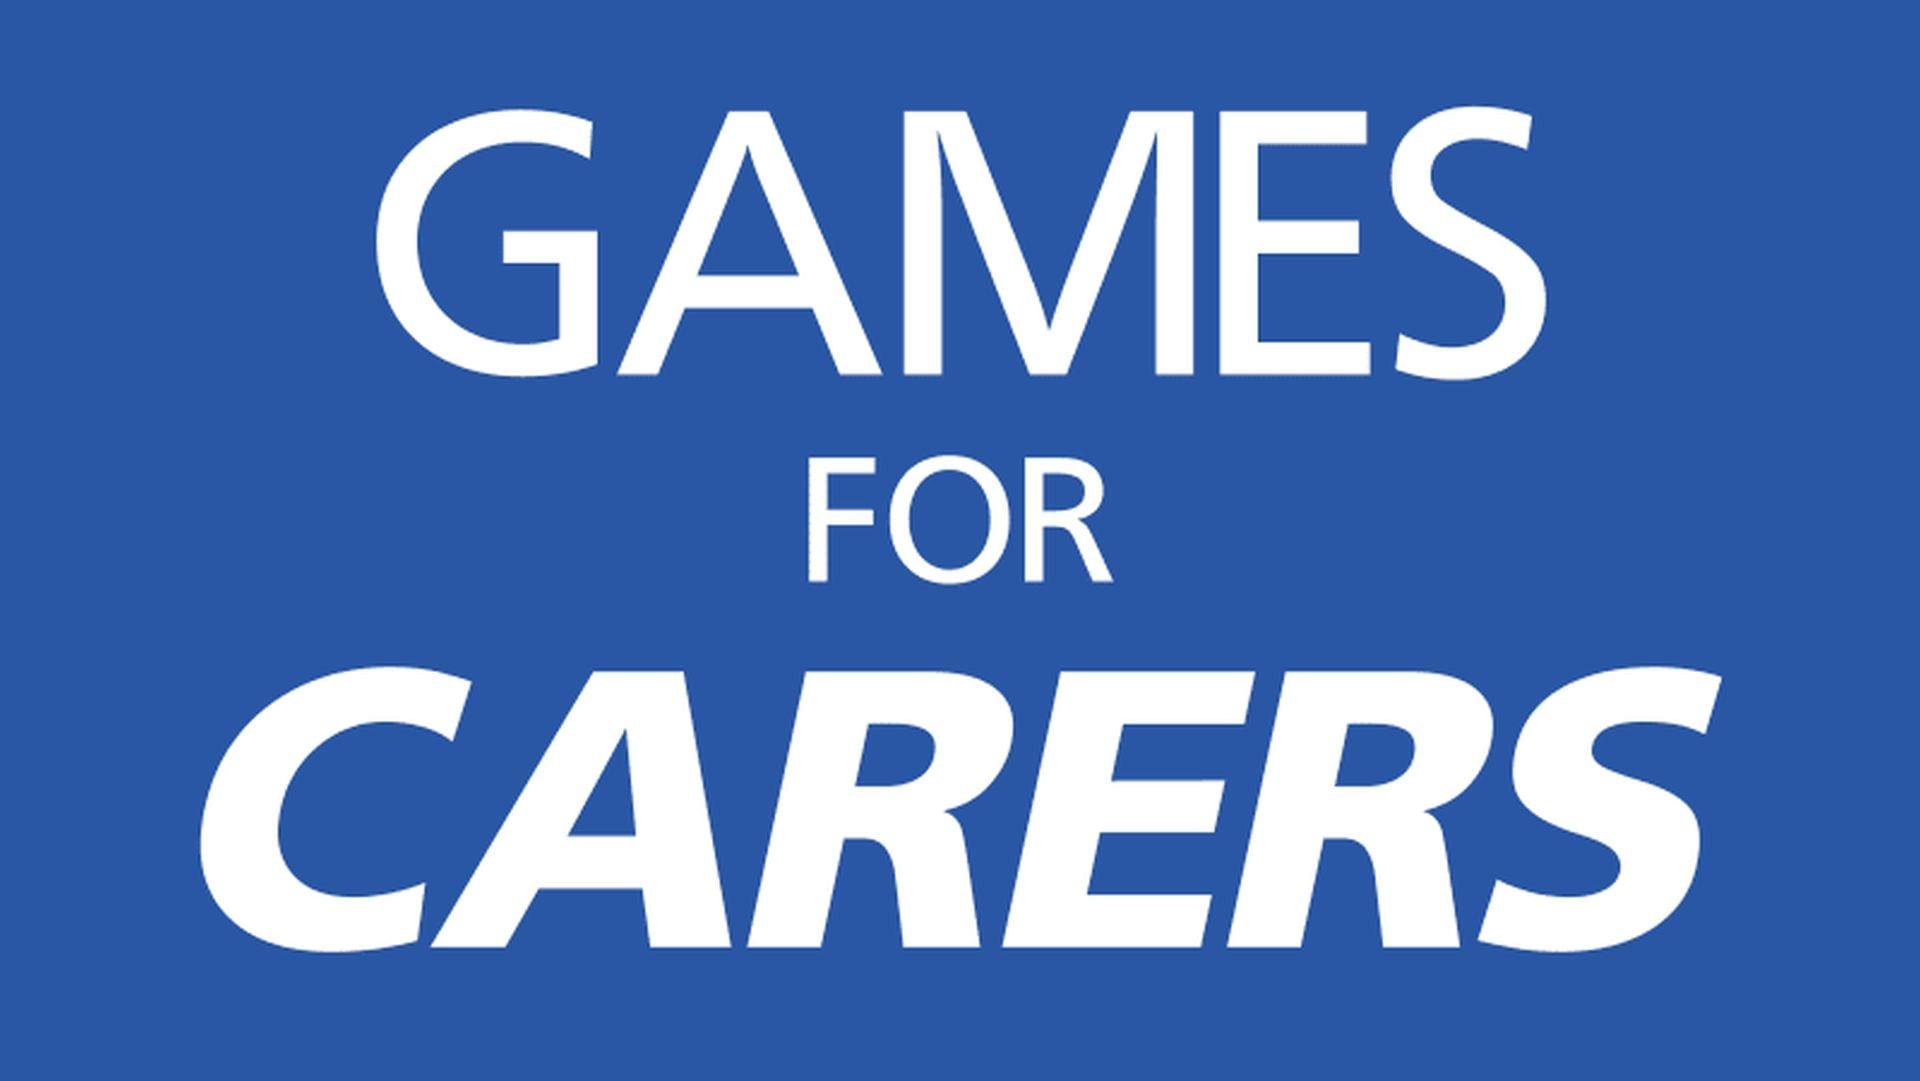 Games for Carers: videogiochi gratis per gli operatori del sistema sanitario britannico